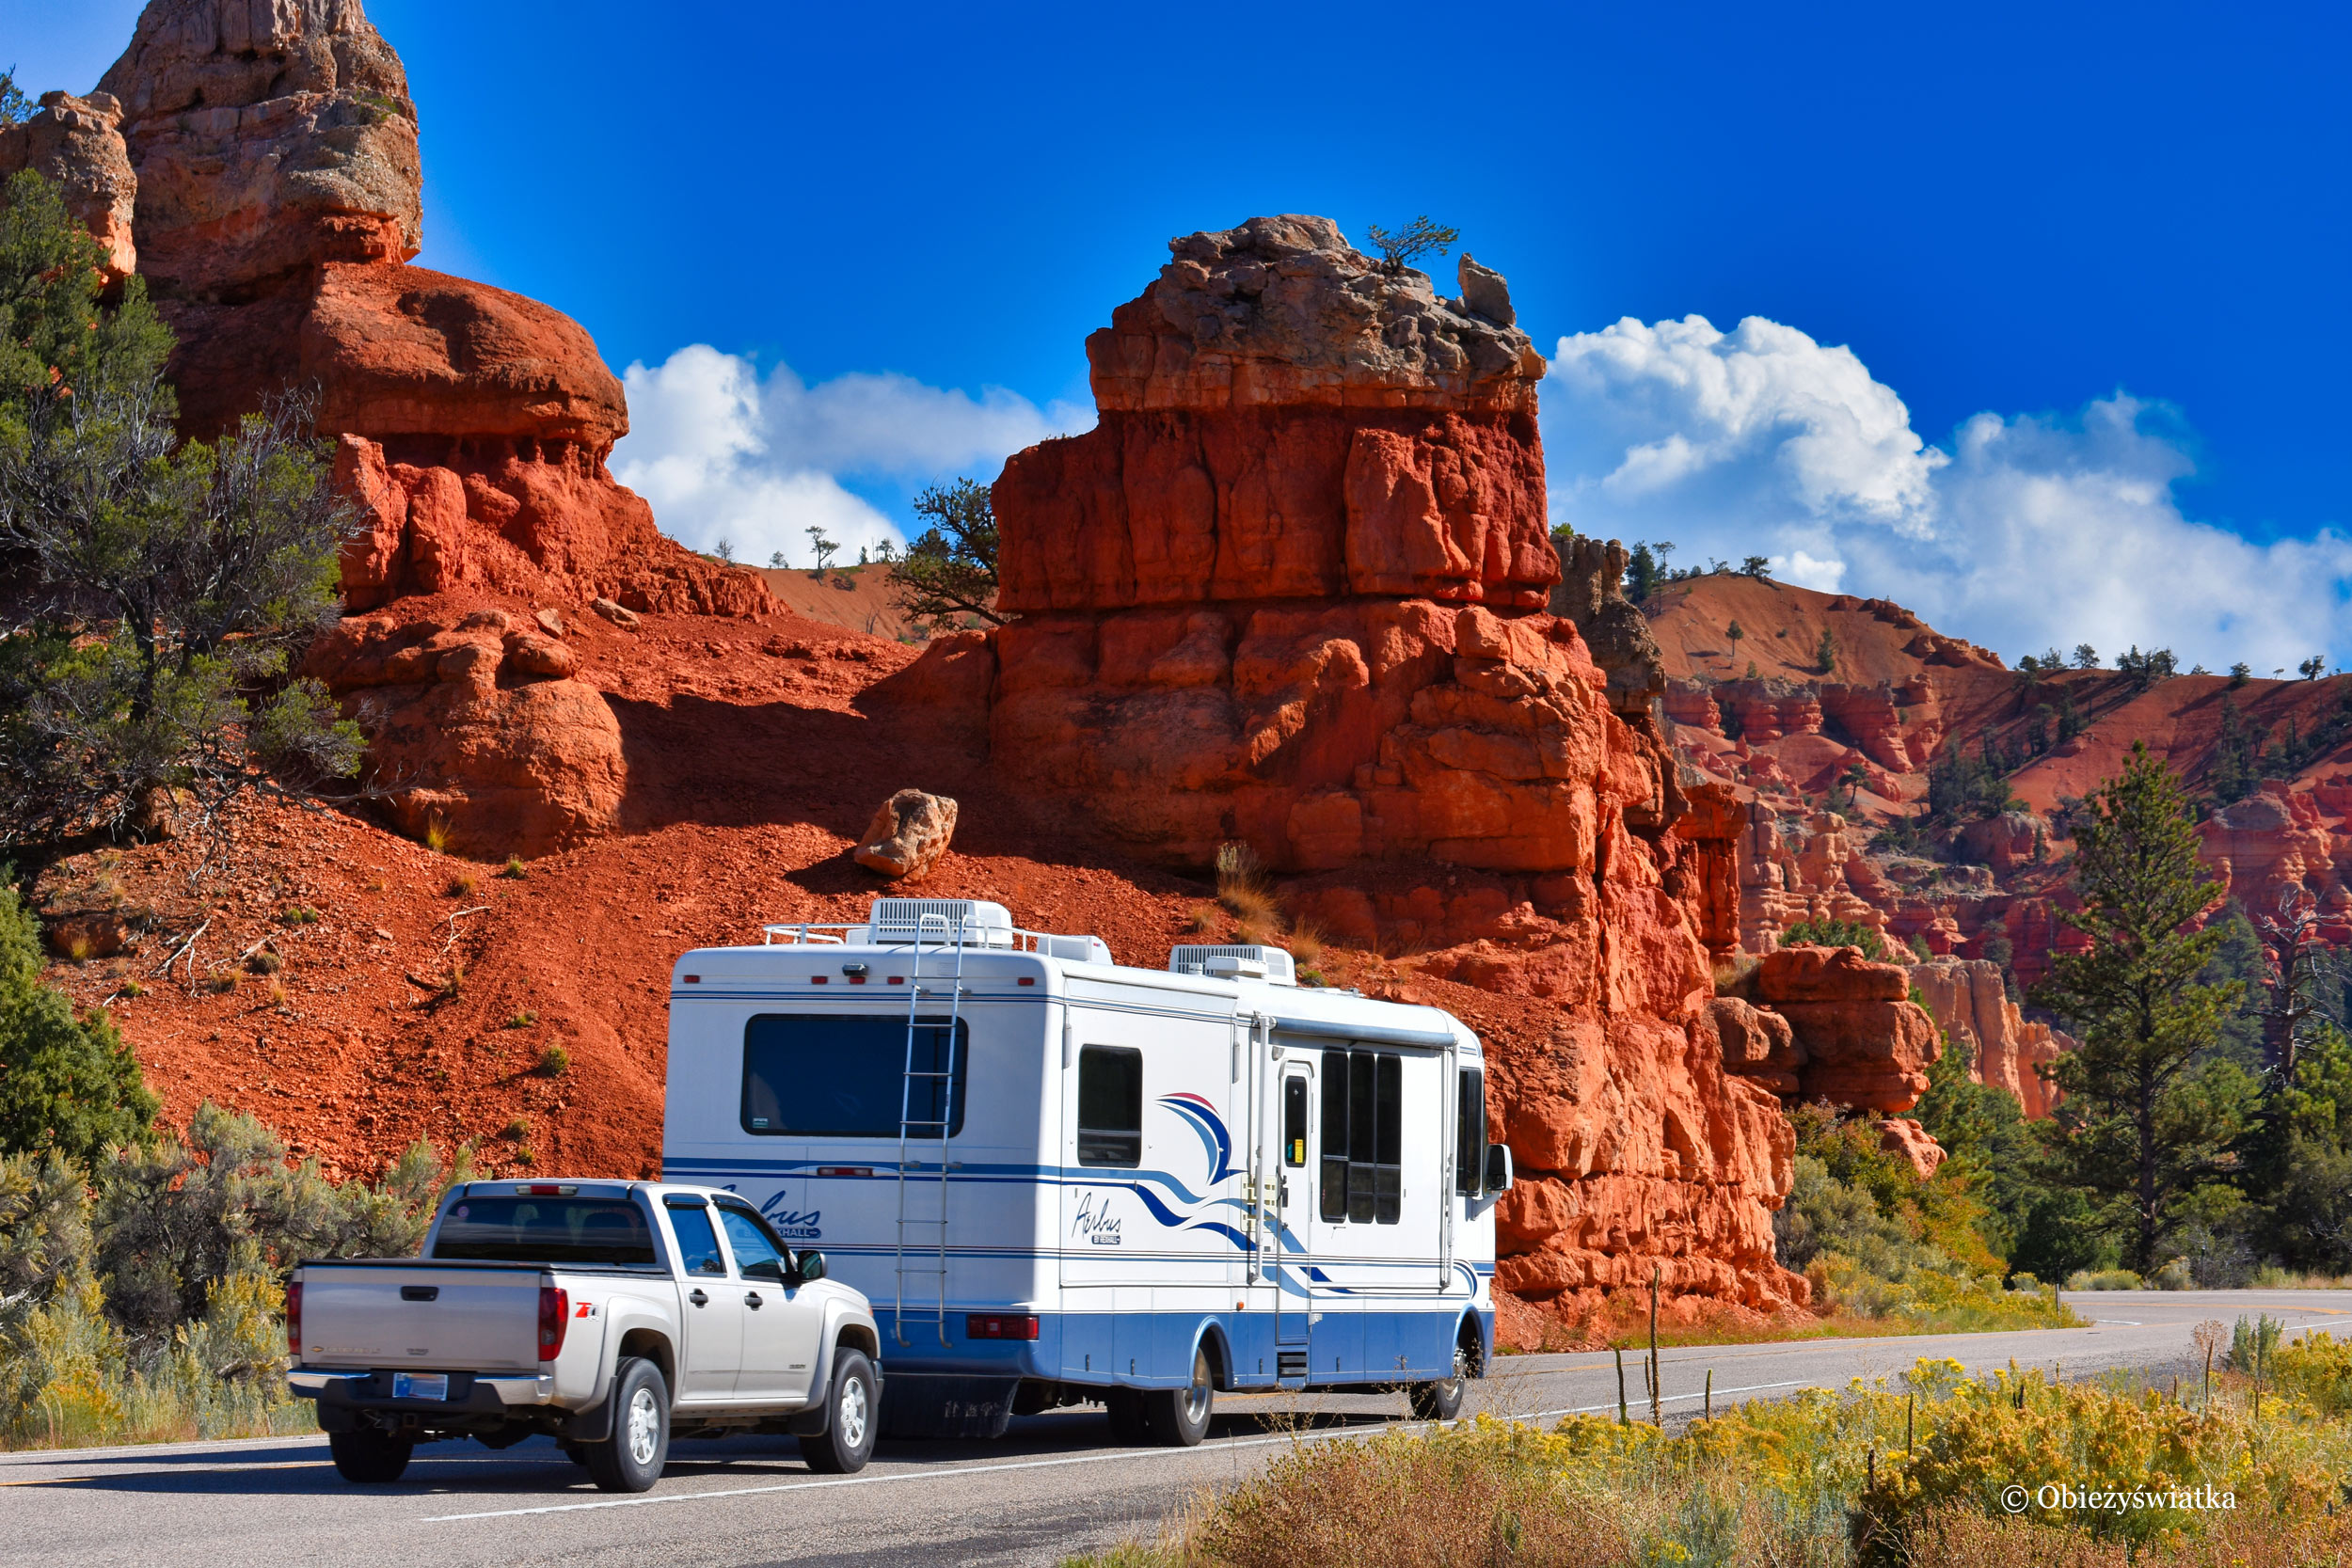 W USA wielkie kampery ciągną za sobą wielkie pickupy ;)